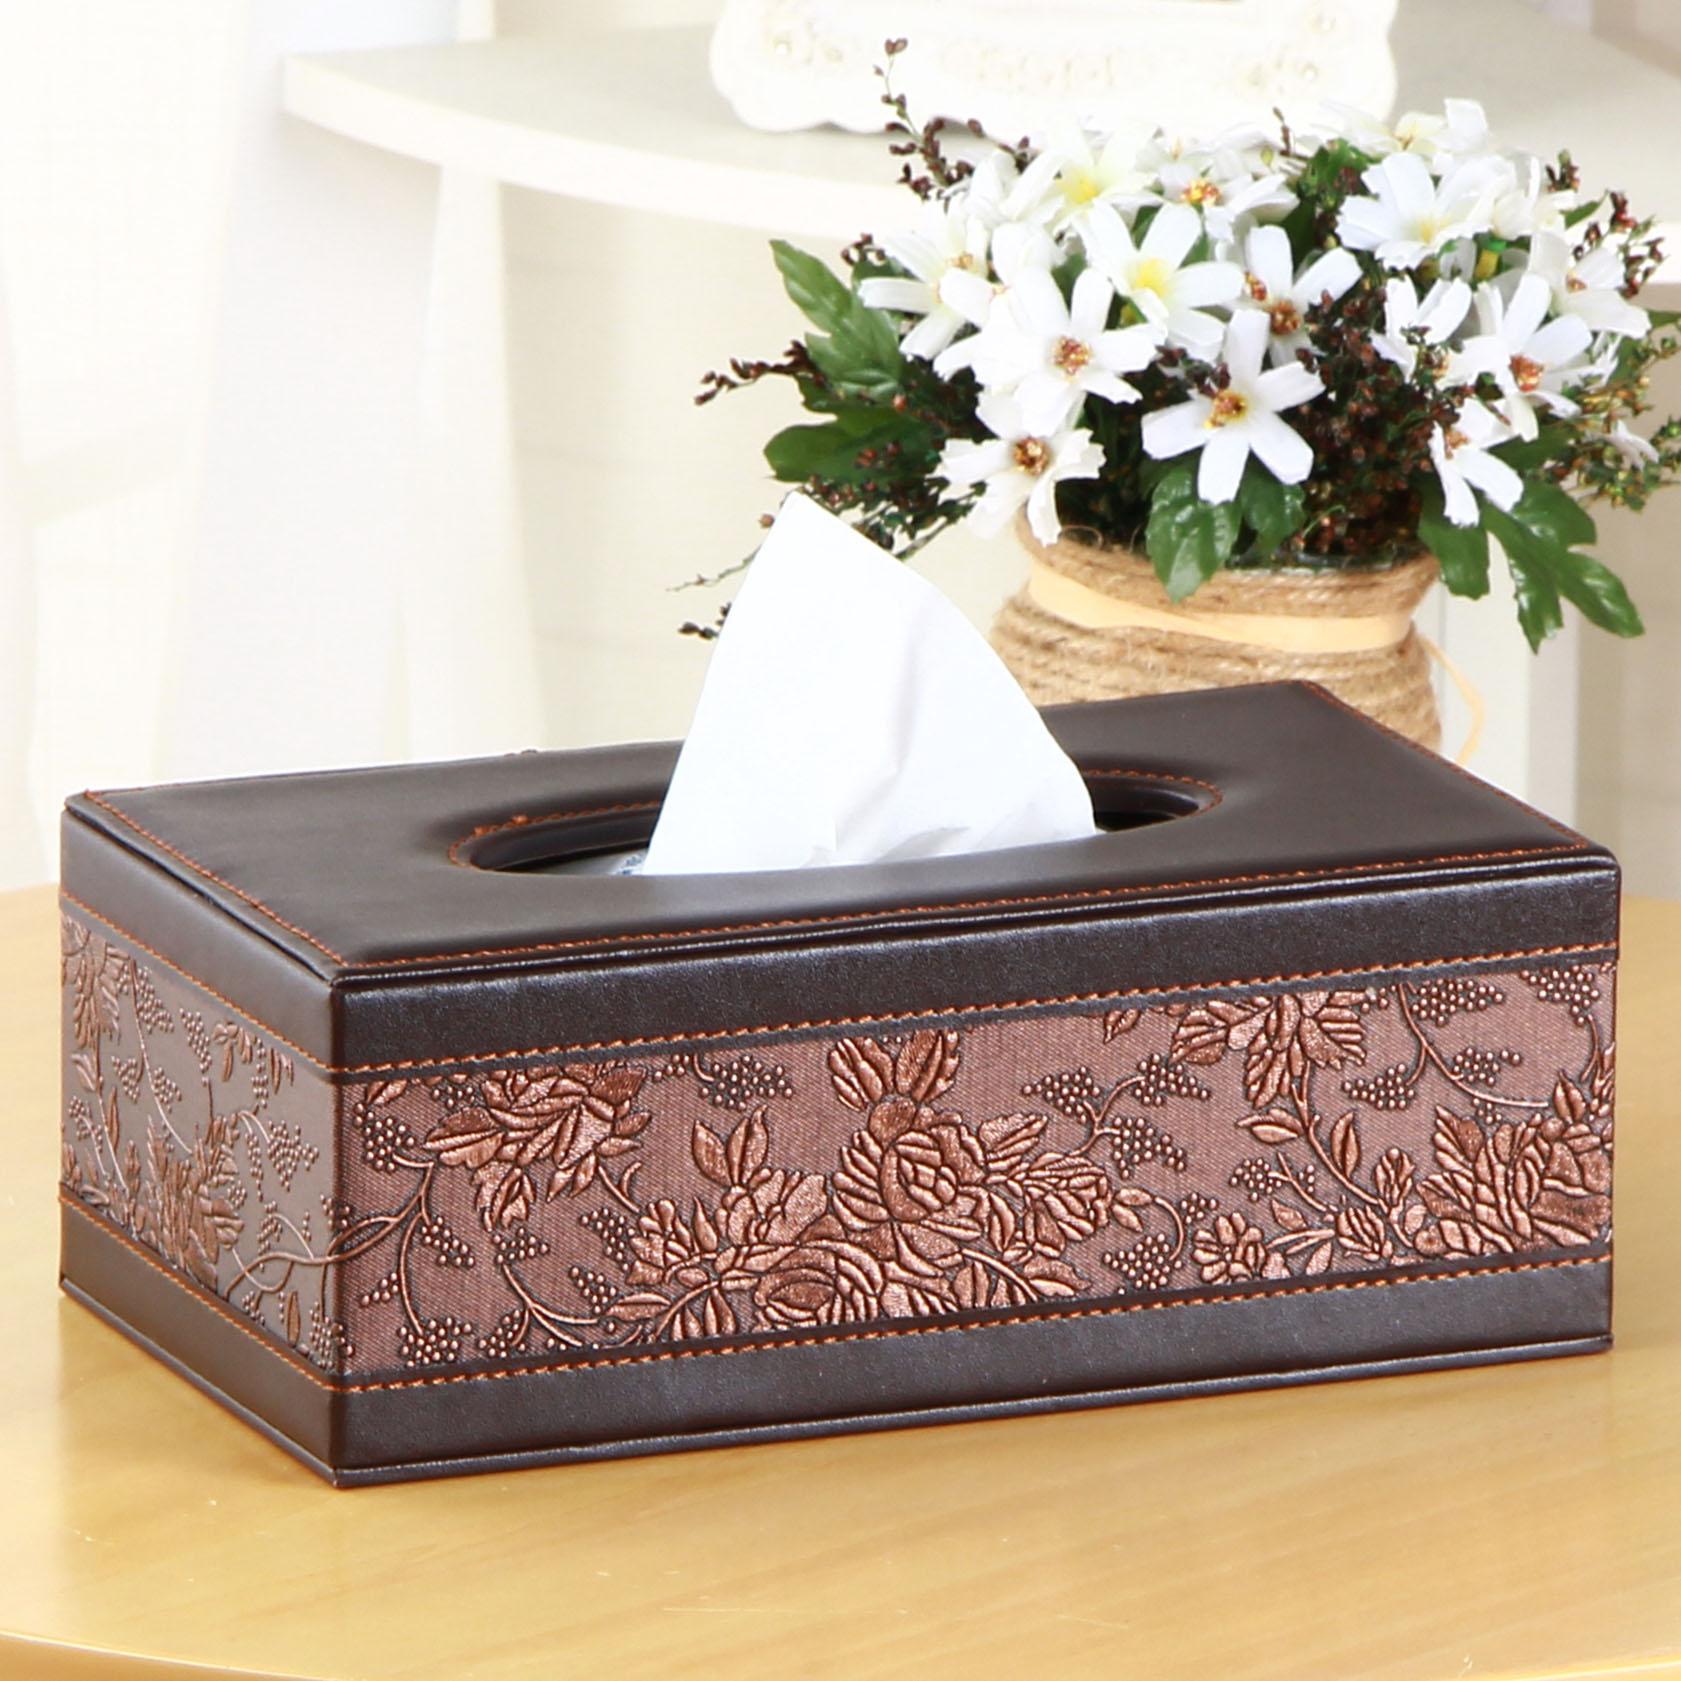 雅皮仕 簡約皮革家用紙巾盒 餐巾抽紙盒 紙抽盒田園風木質車用